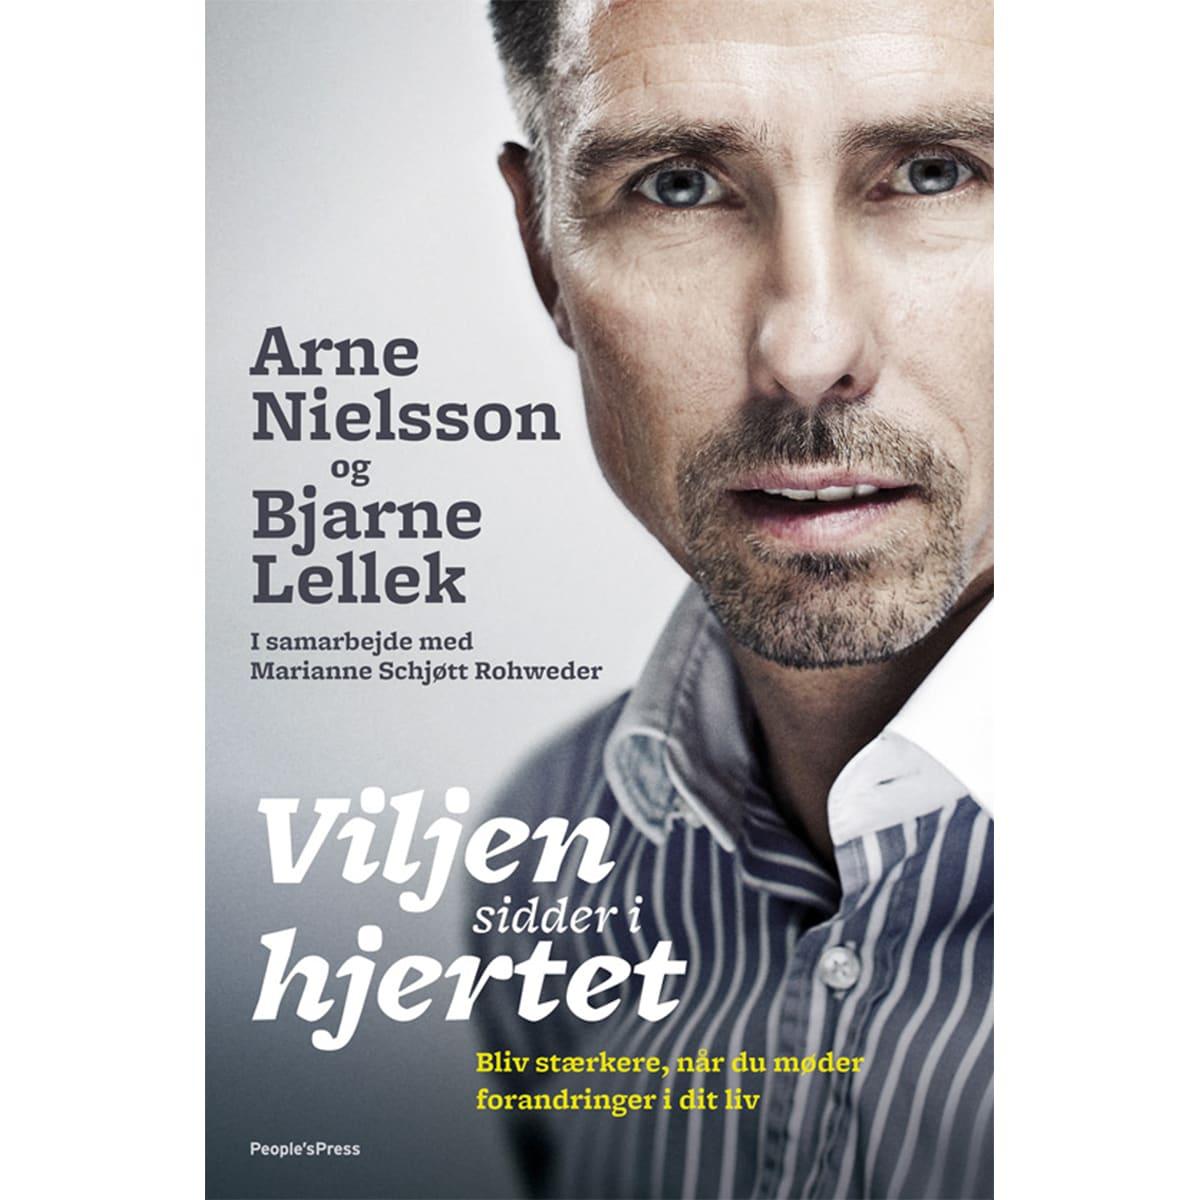 Af Arne Nielsson, Marianne Rohweder & Bjarne Lellek